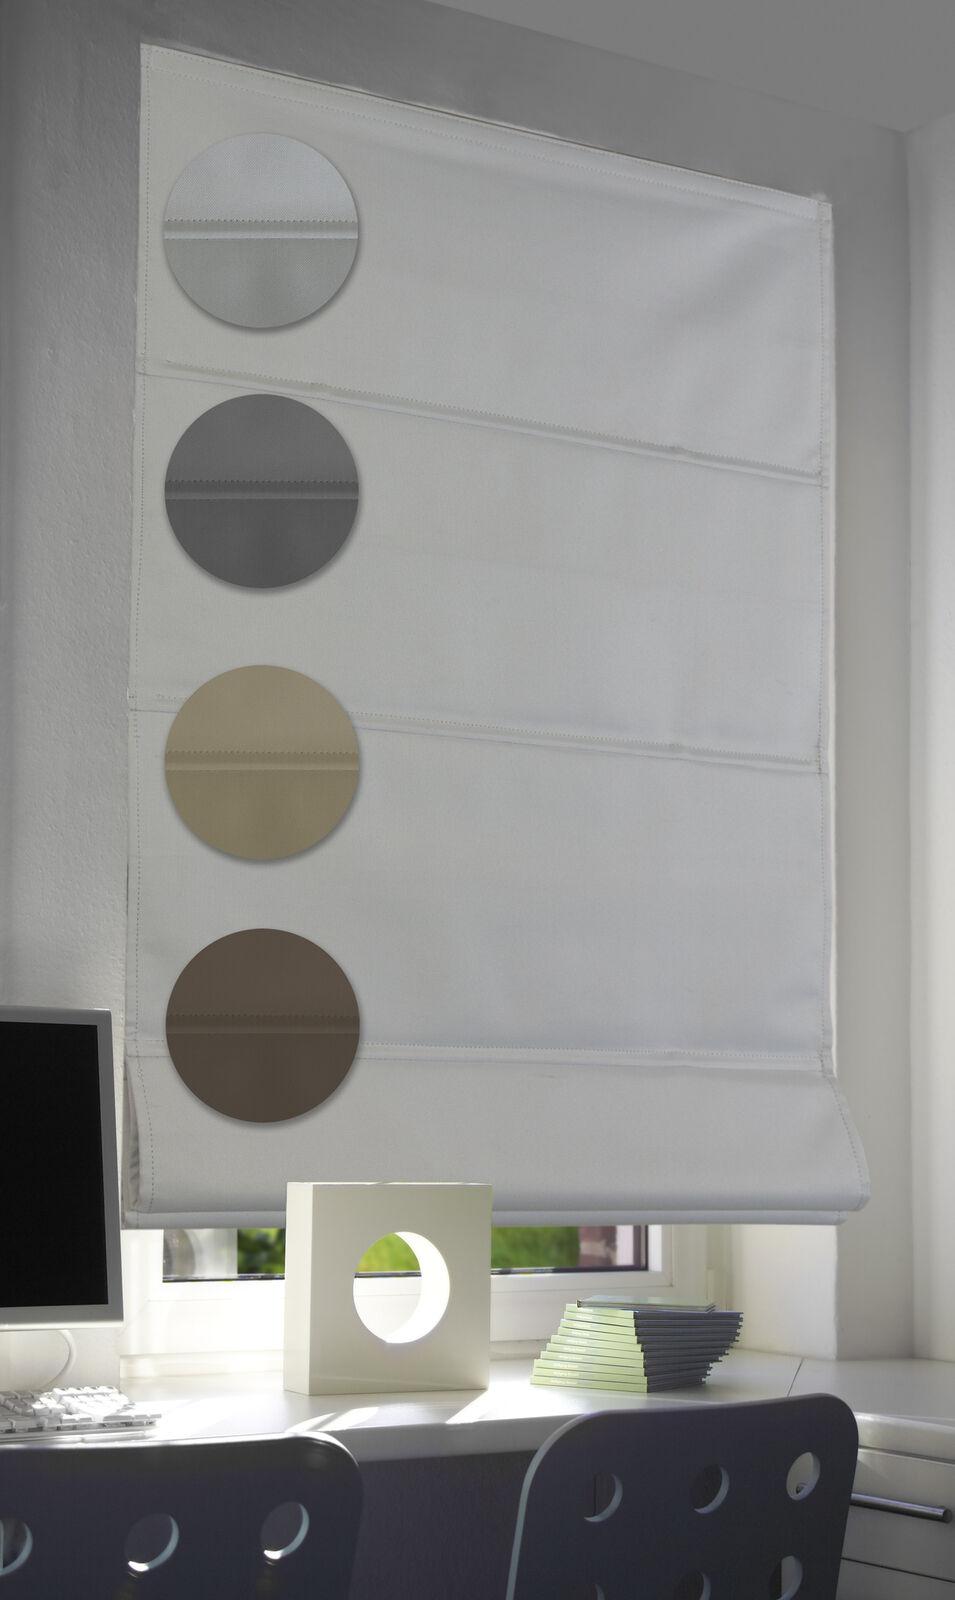 Full Size of Raffrollo 45x160cm Weiss Raffgardine Fenster Faltrollo Rollo Küchen Regal Küche Wohnzimmer Küchen Raffrollo